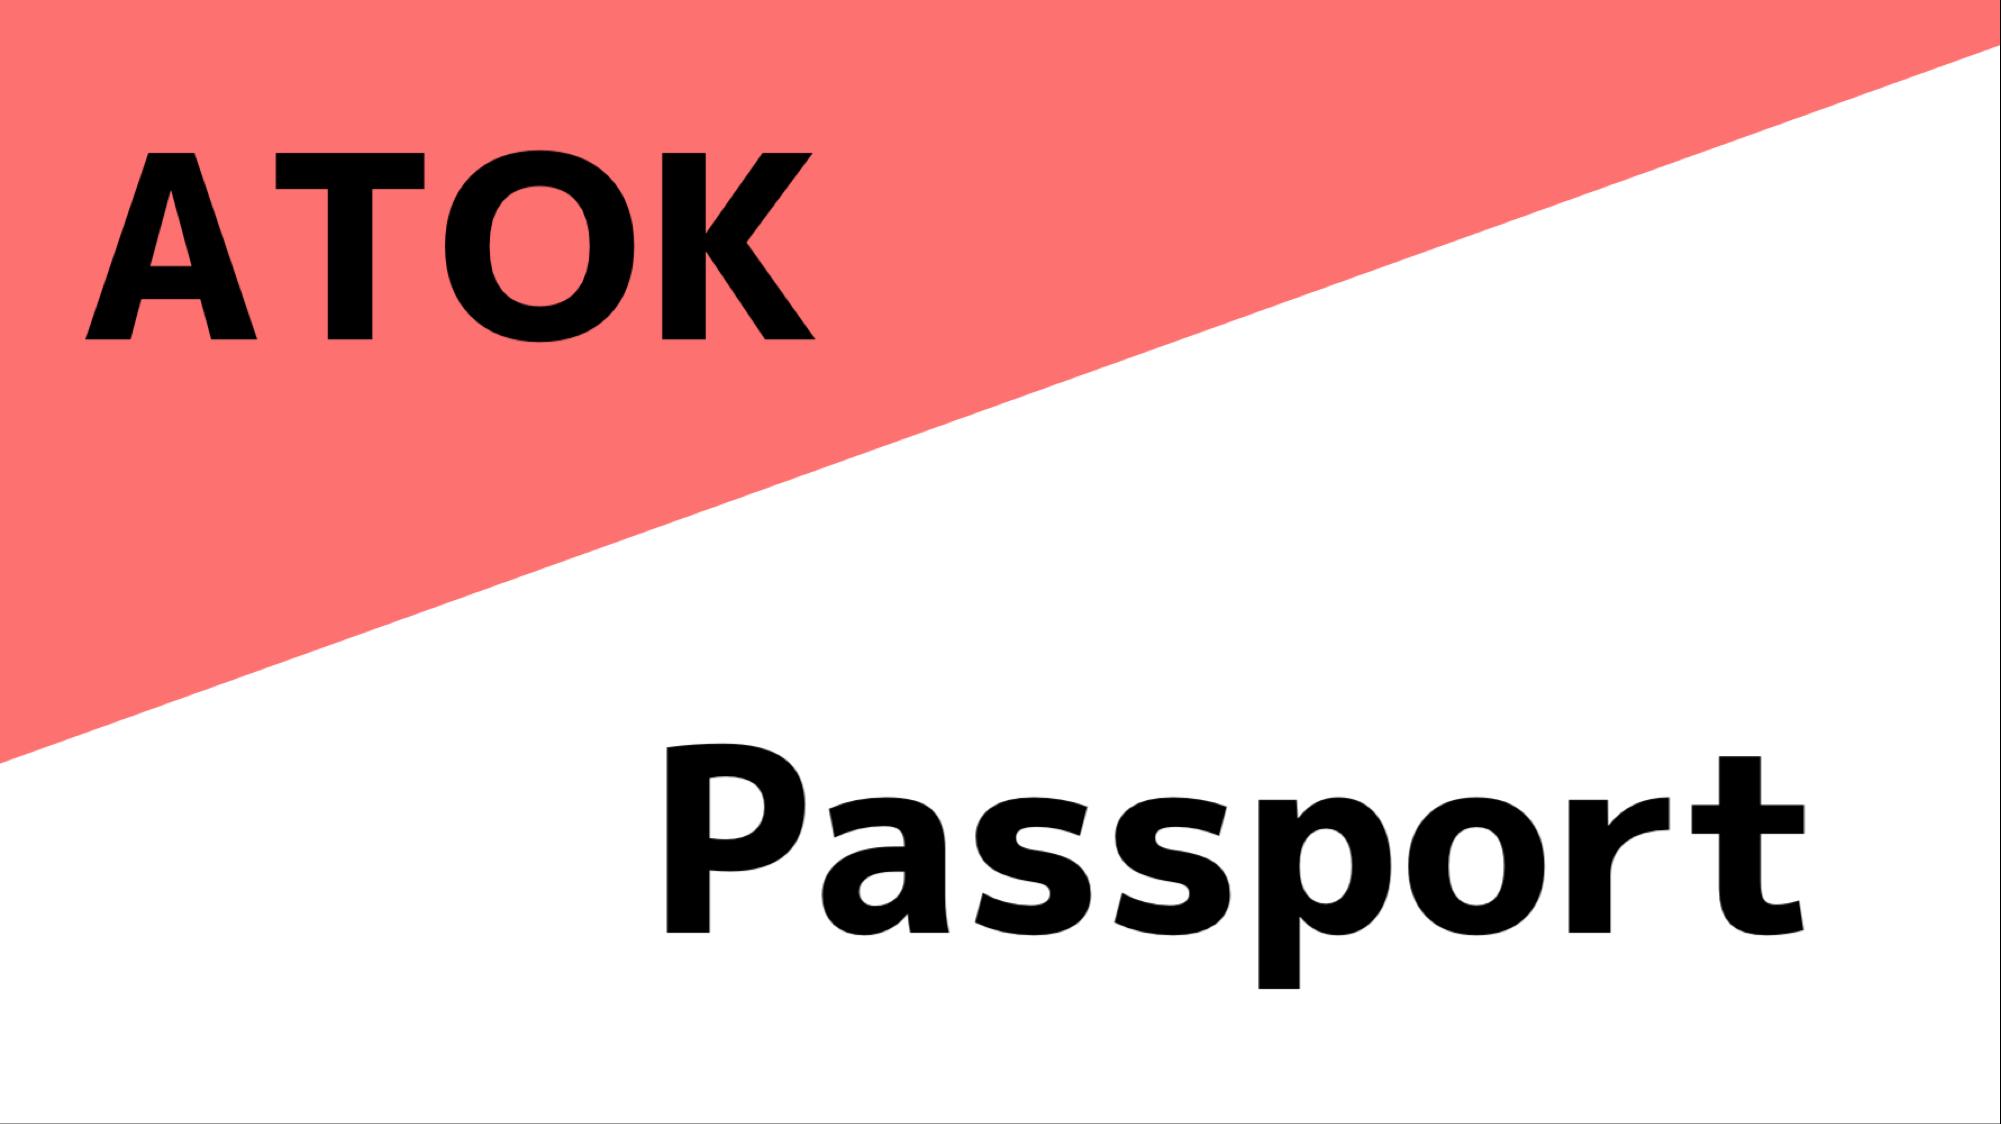 ATOK Passportは日本語変換ソフトの枠組みを超えたツールになった